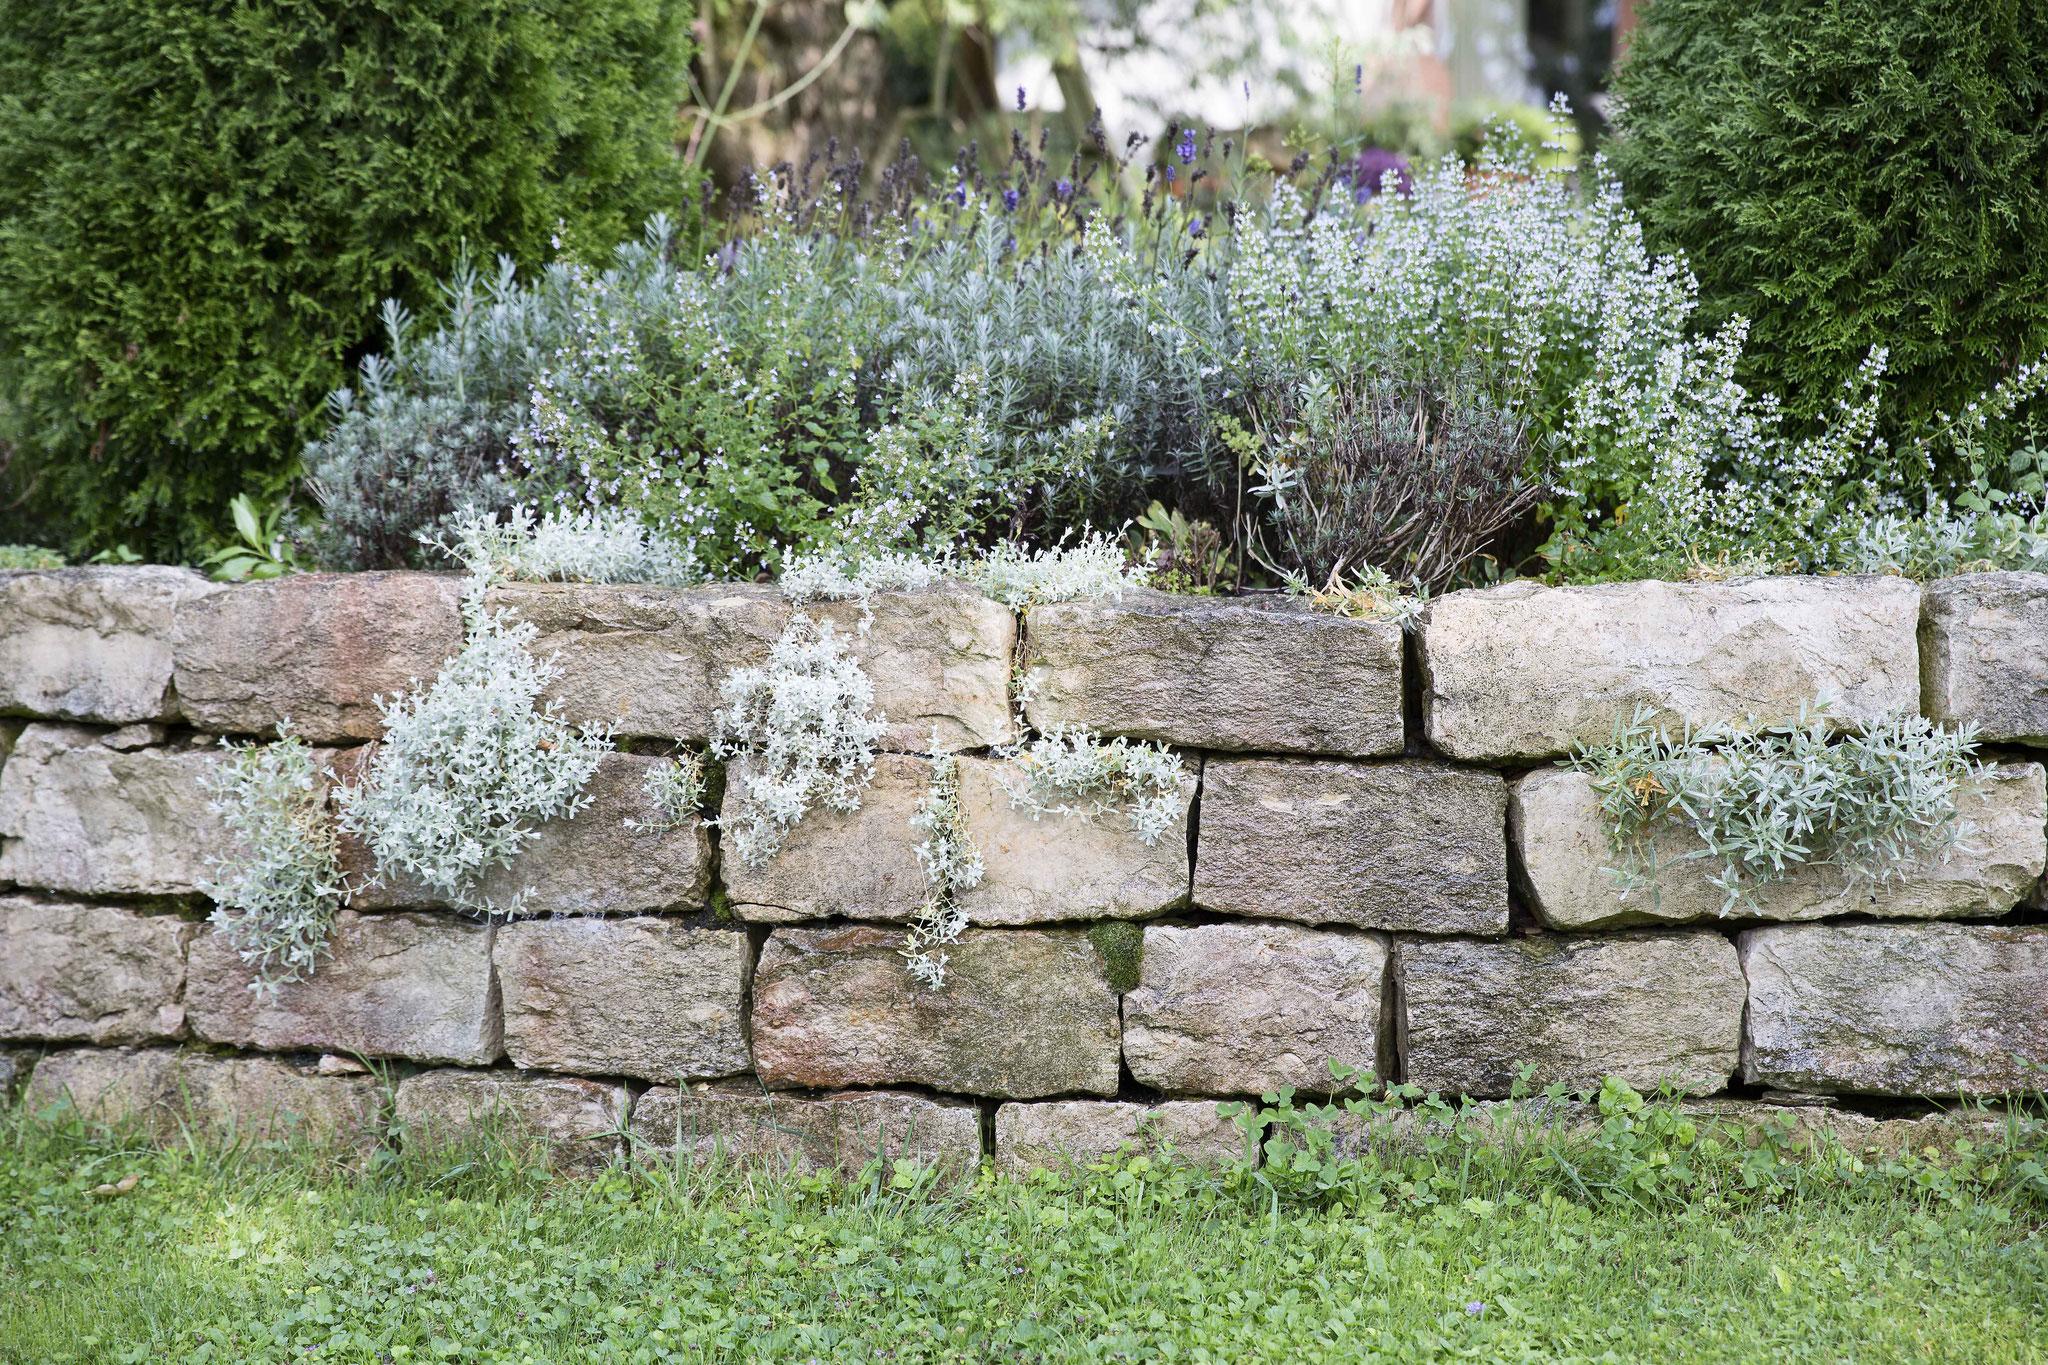 Bepflanzung Voegtli Gartenbau Ihr Partner für Ihren Traumgarten